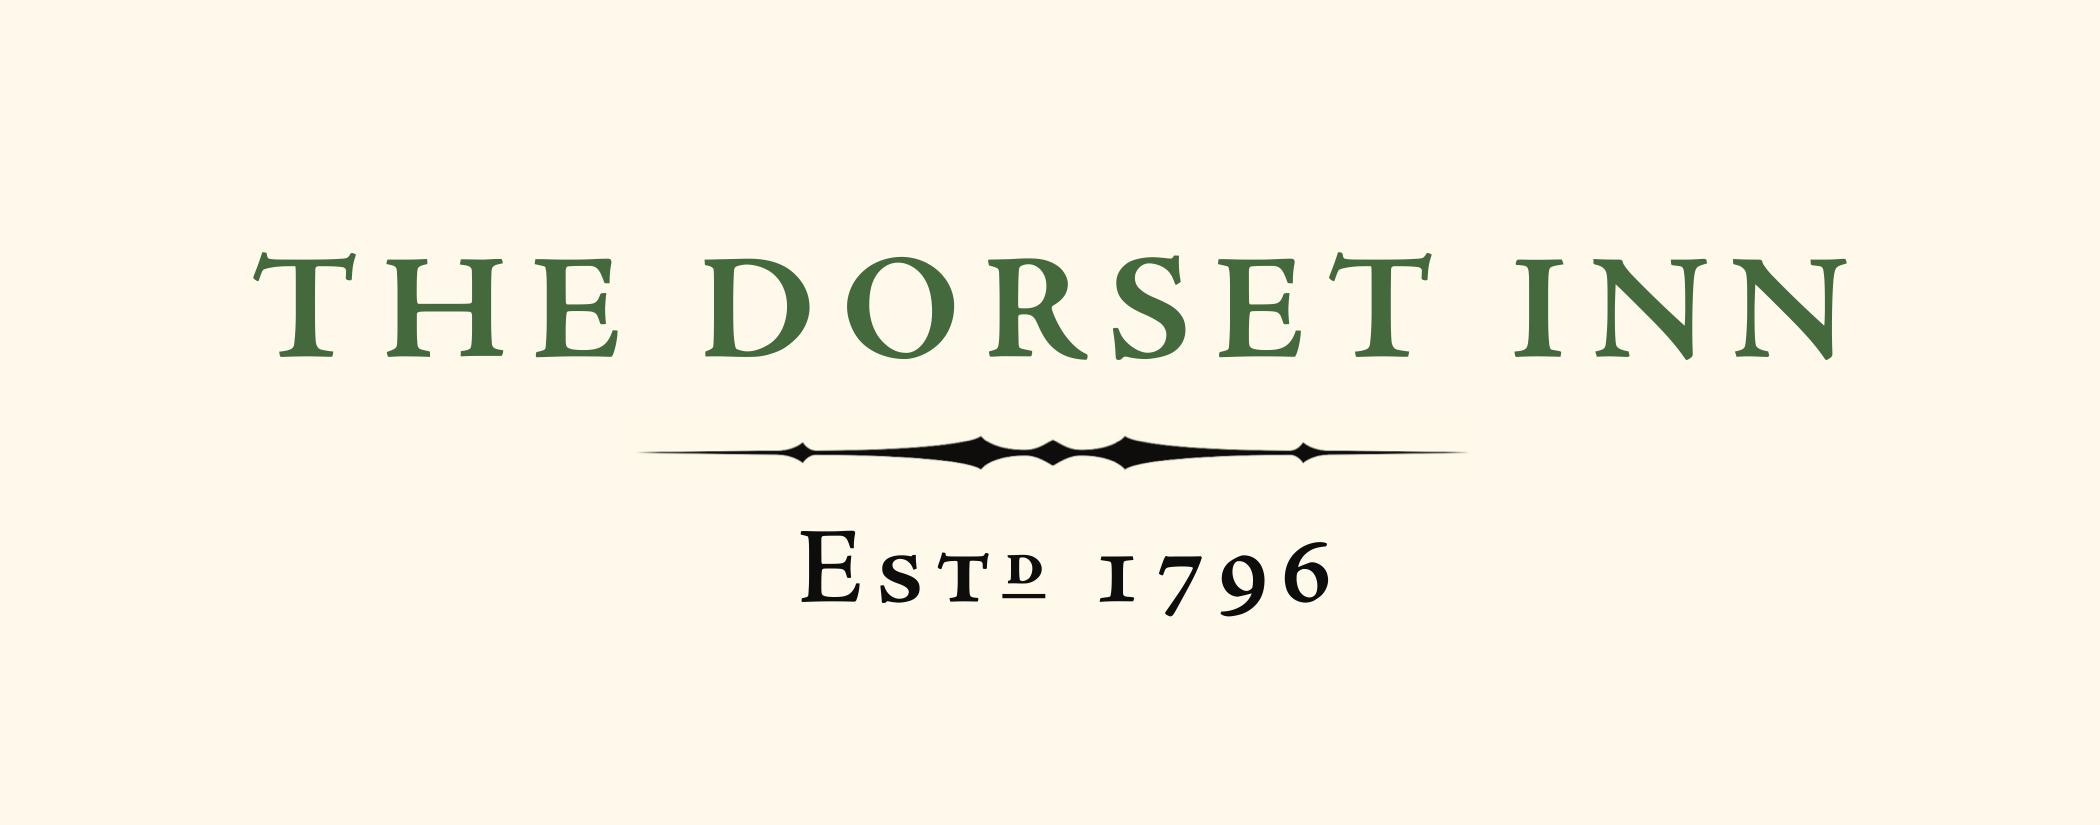 Dorset Inn new logo.jpg